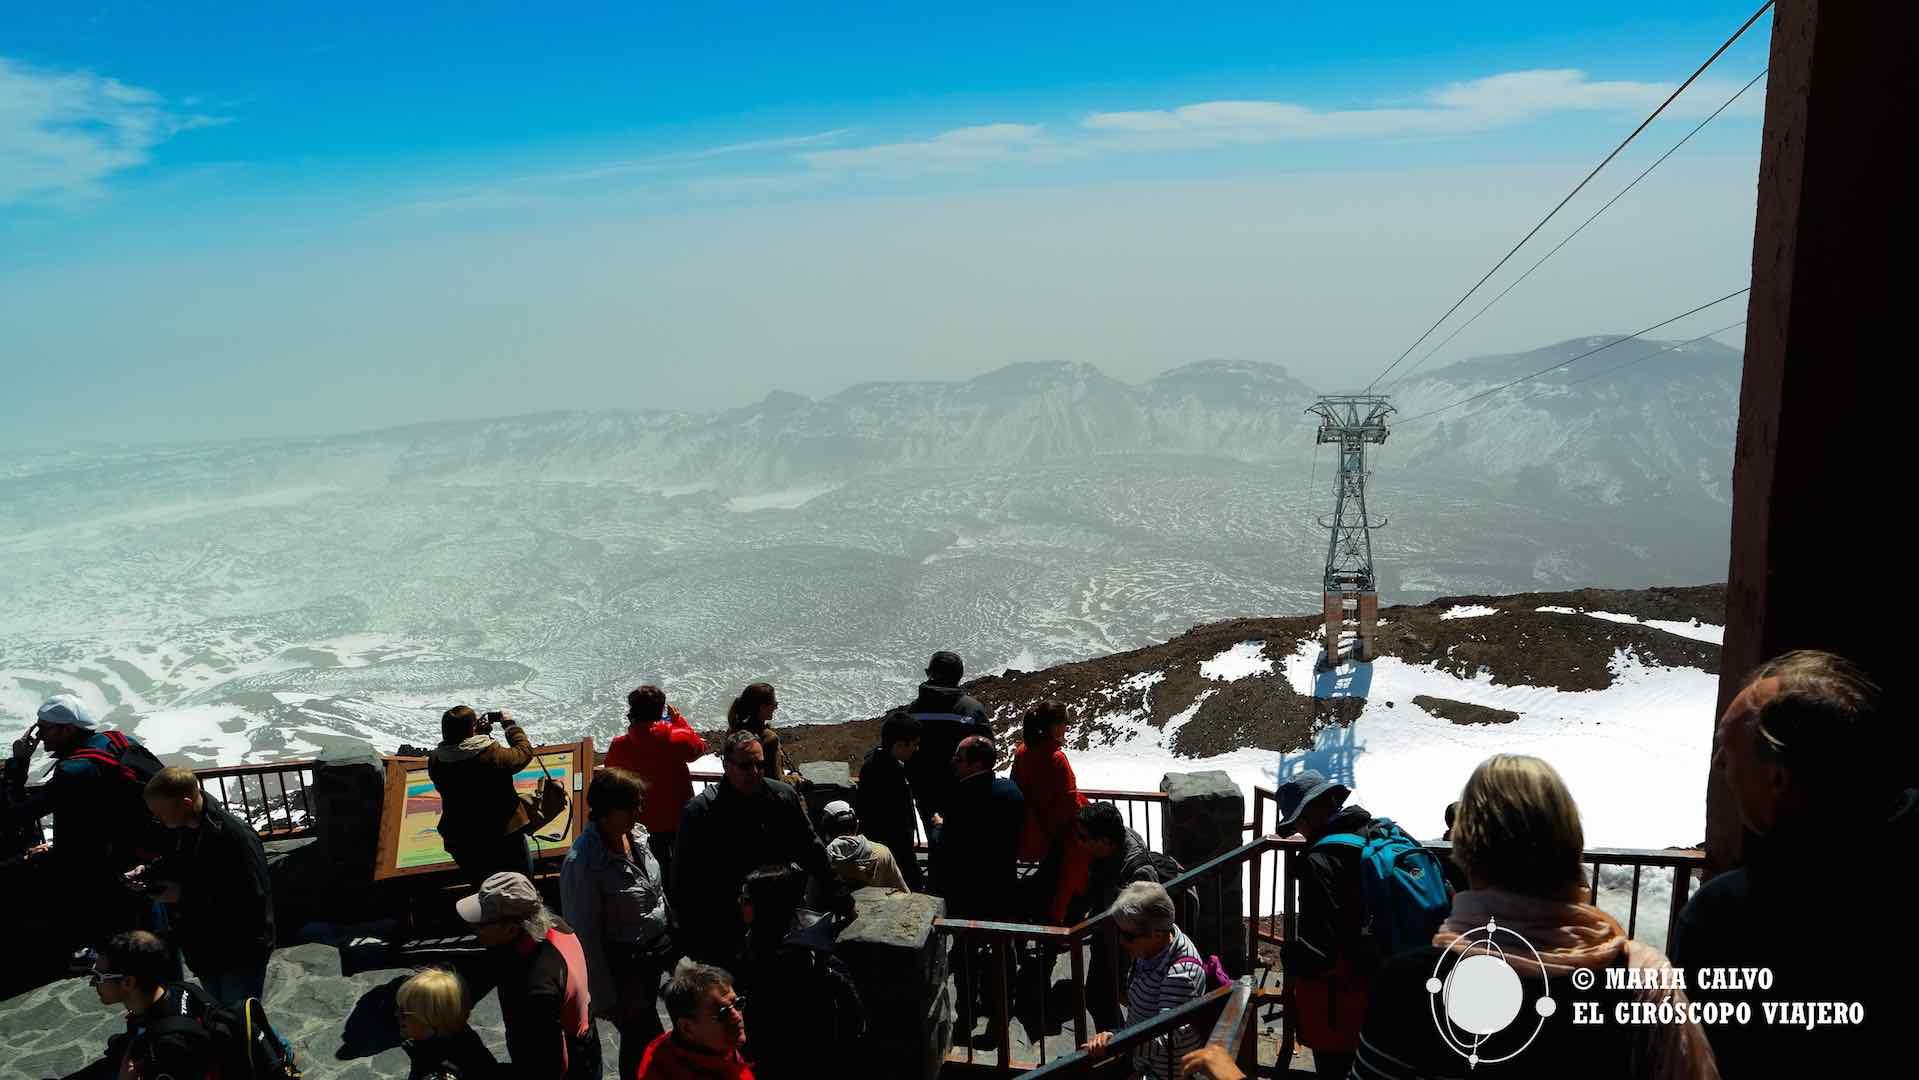 El la Rambleta, el cráter del volcán, mirador desde donde se ve la inmensidad, a un paso del pico Teide